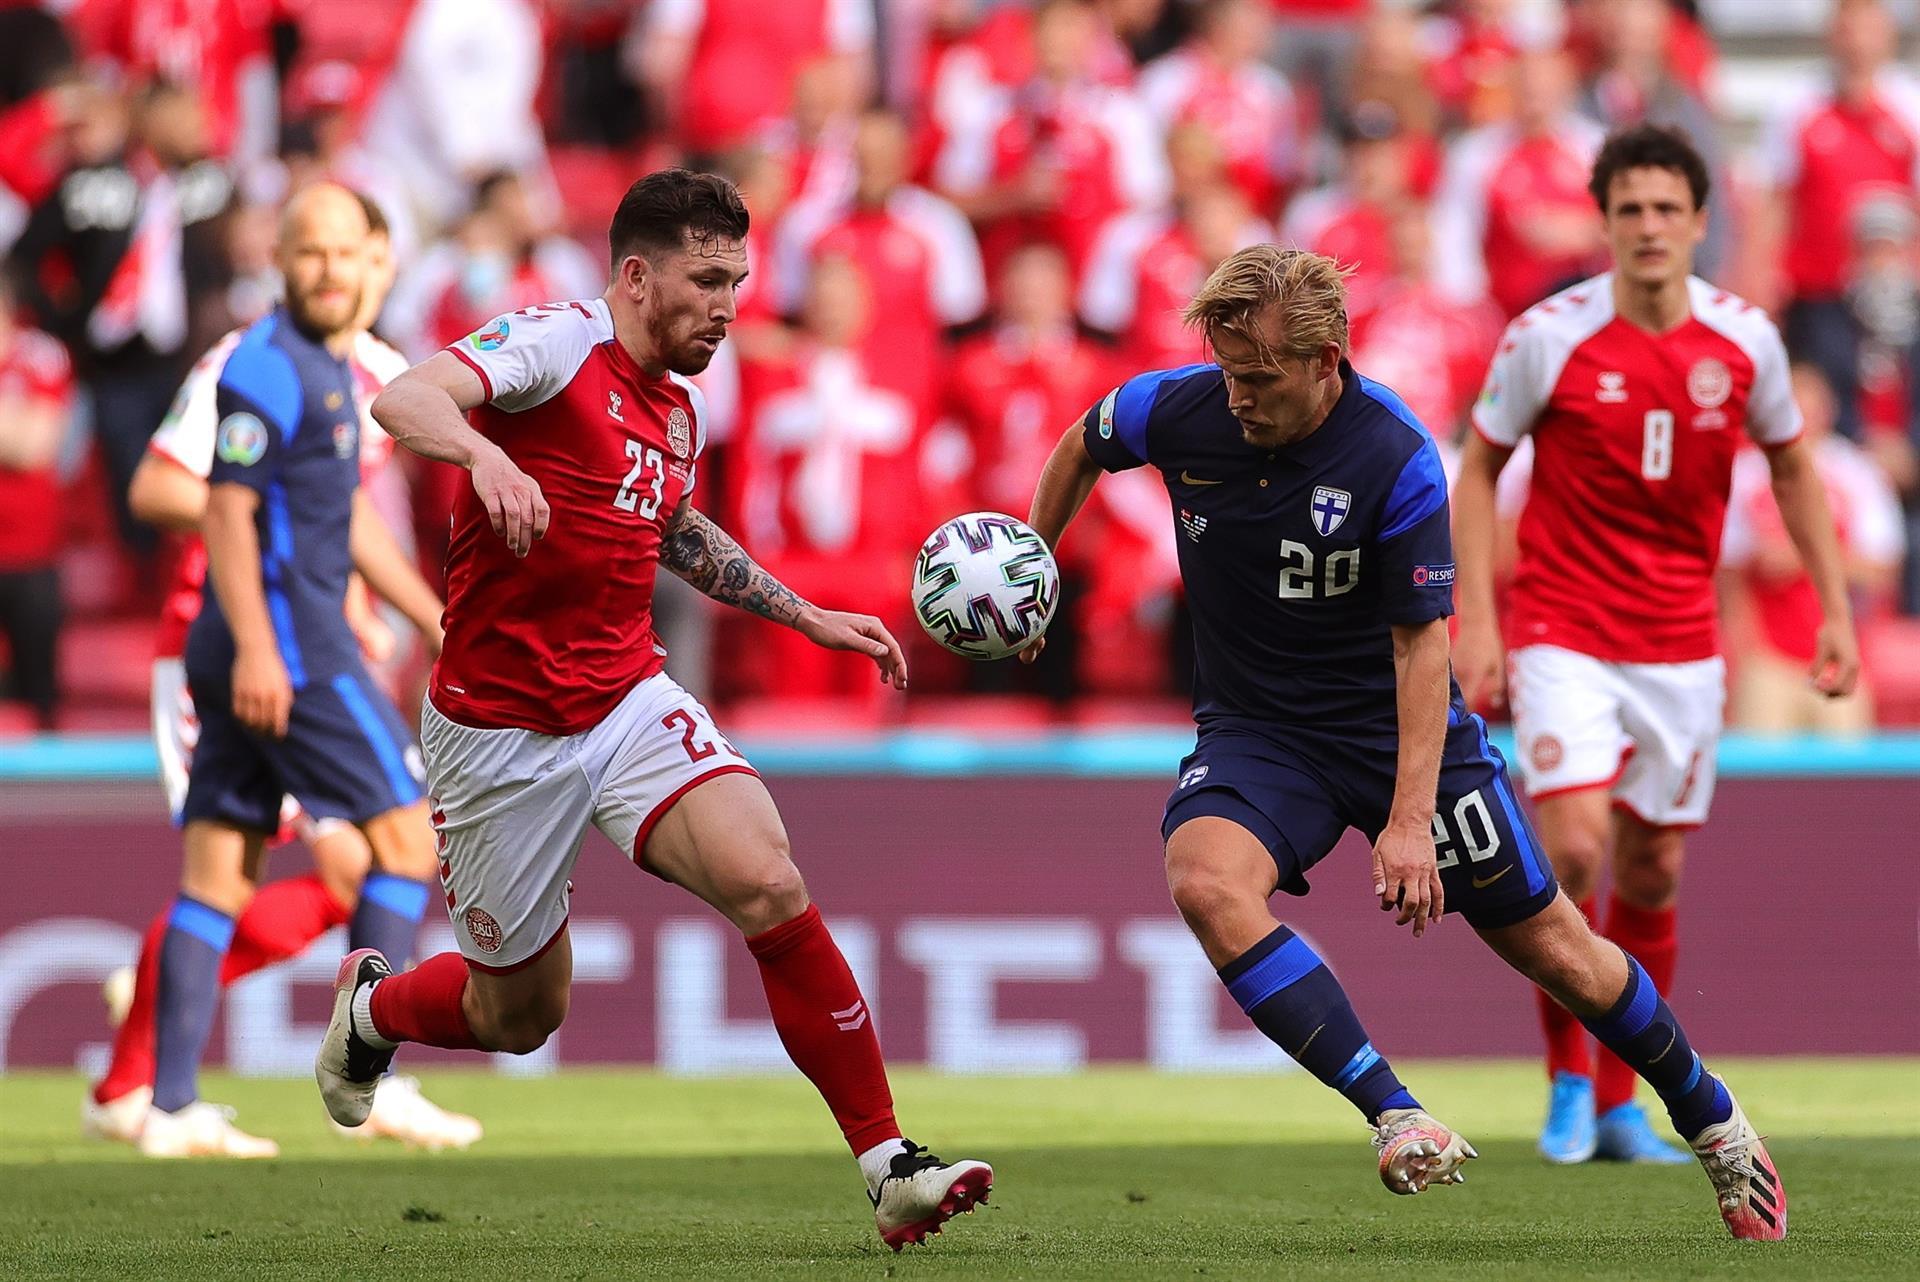 A Finlândia venceu a Dinamarca na estreia da Eurocopa